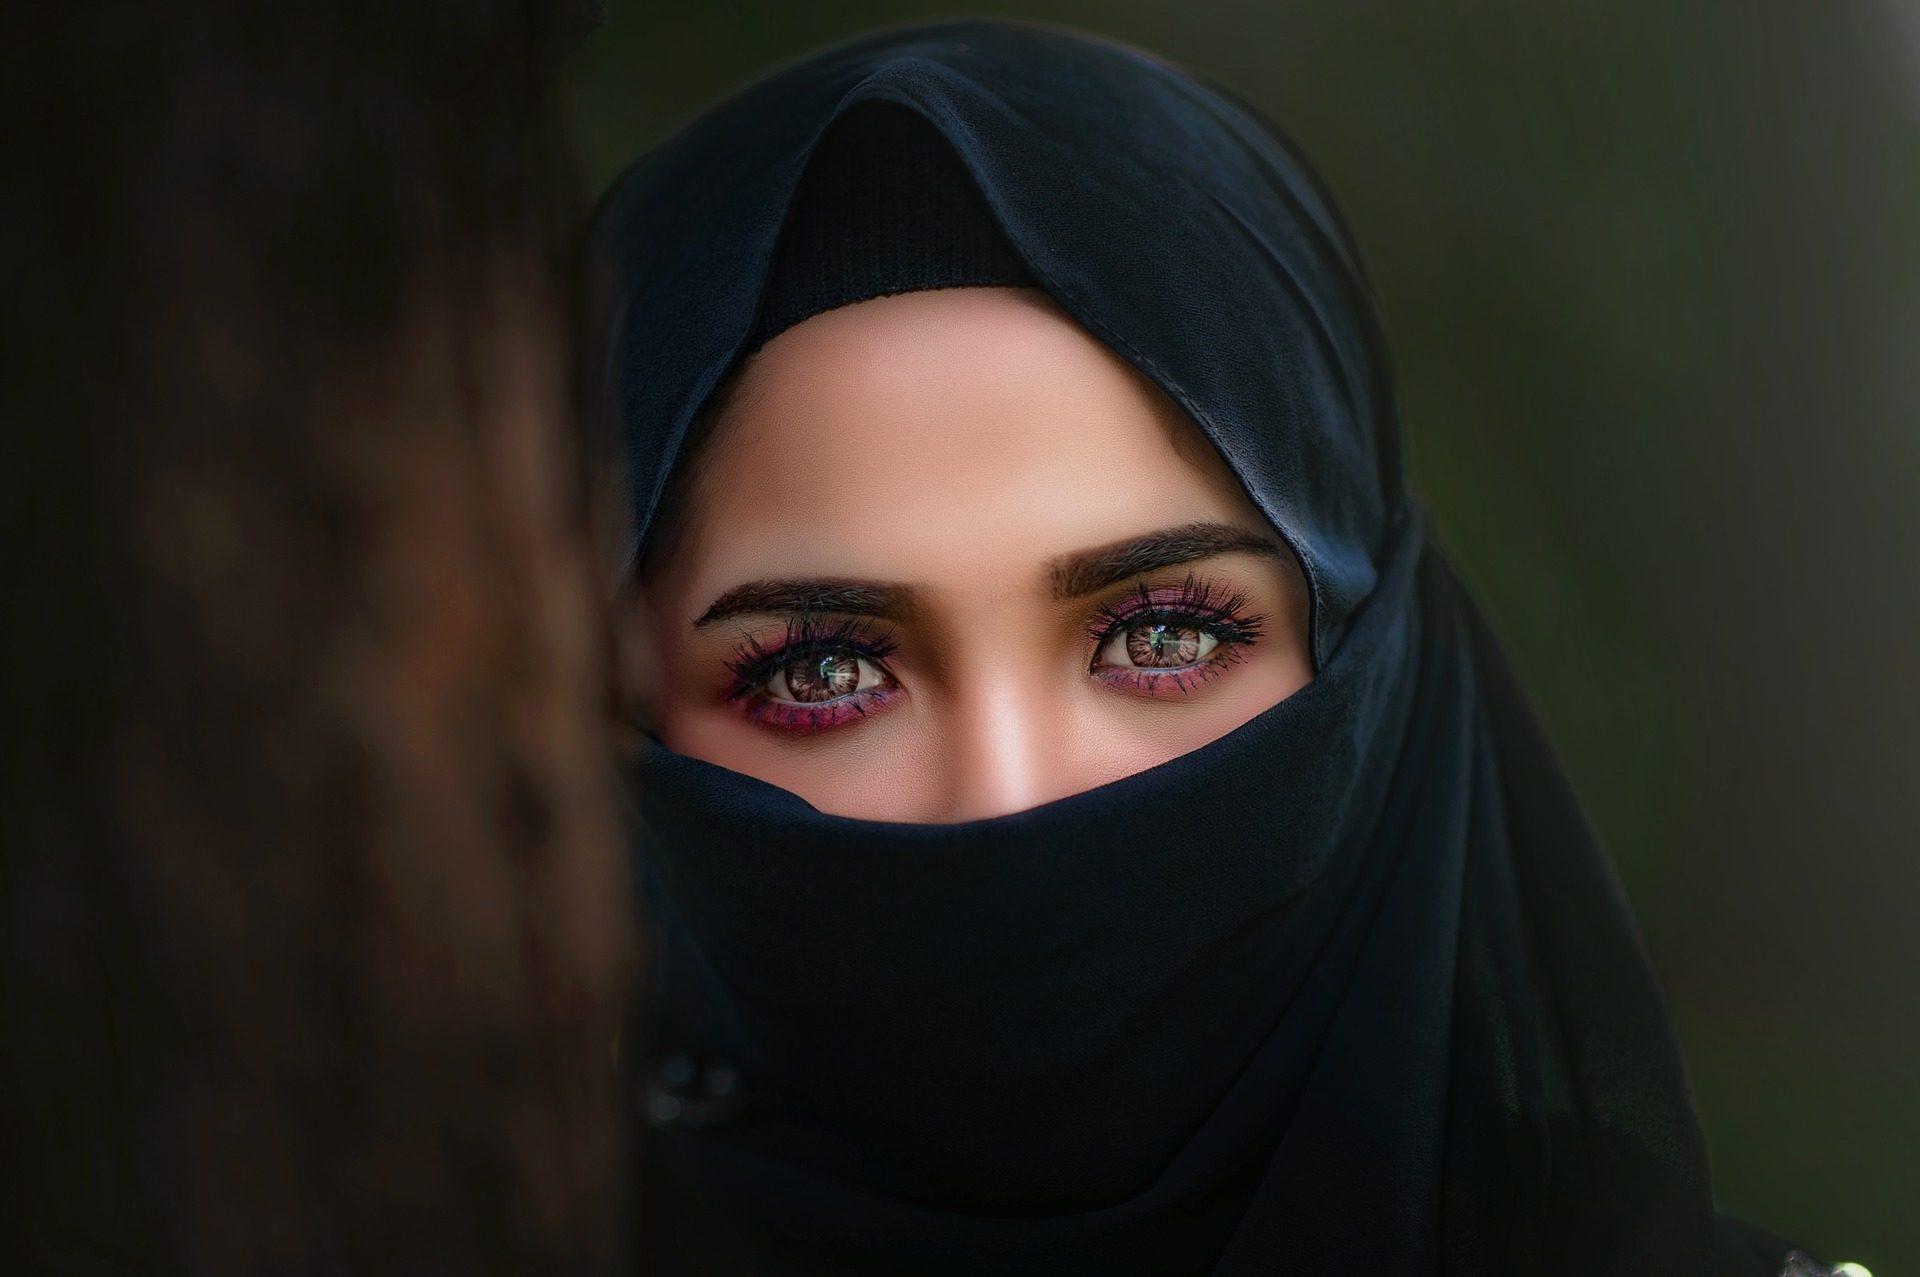 女人, 眼睛, 看看, 面纱, 头巾 - 高清壁纸 - 教授-falken.com